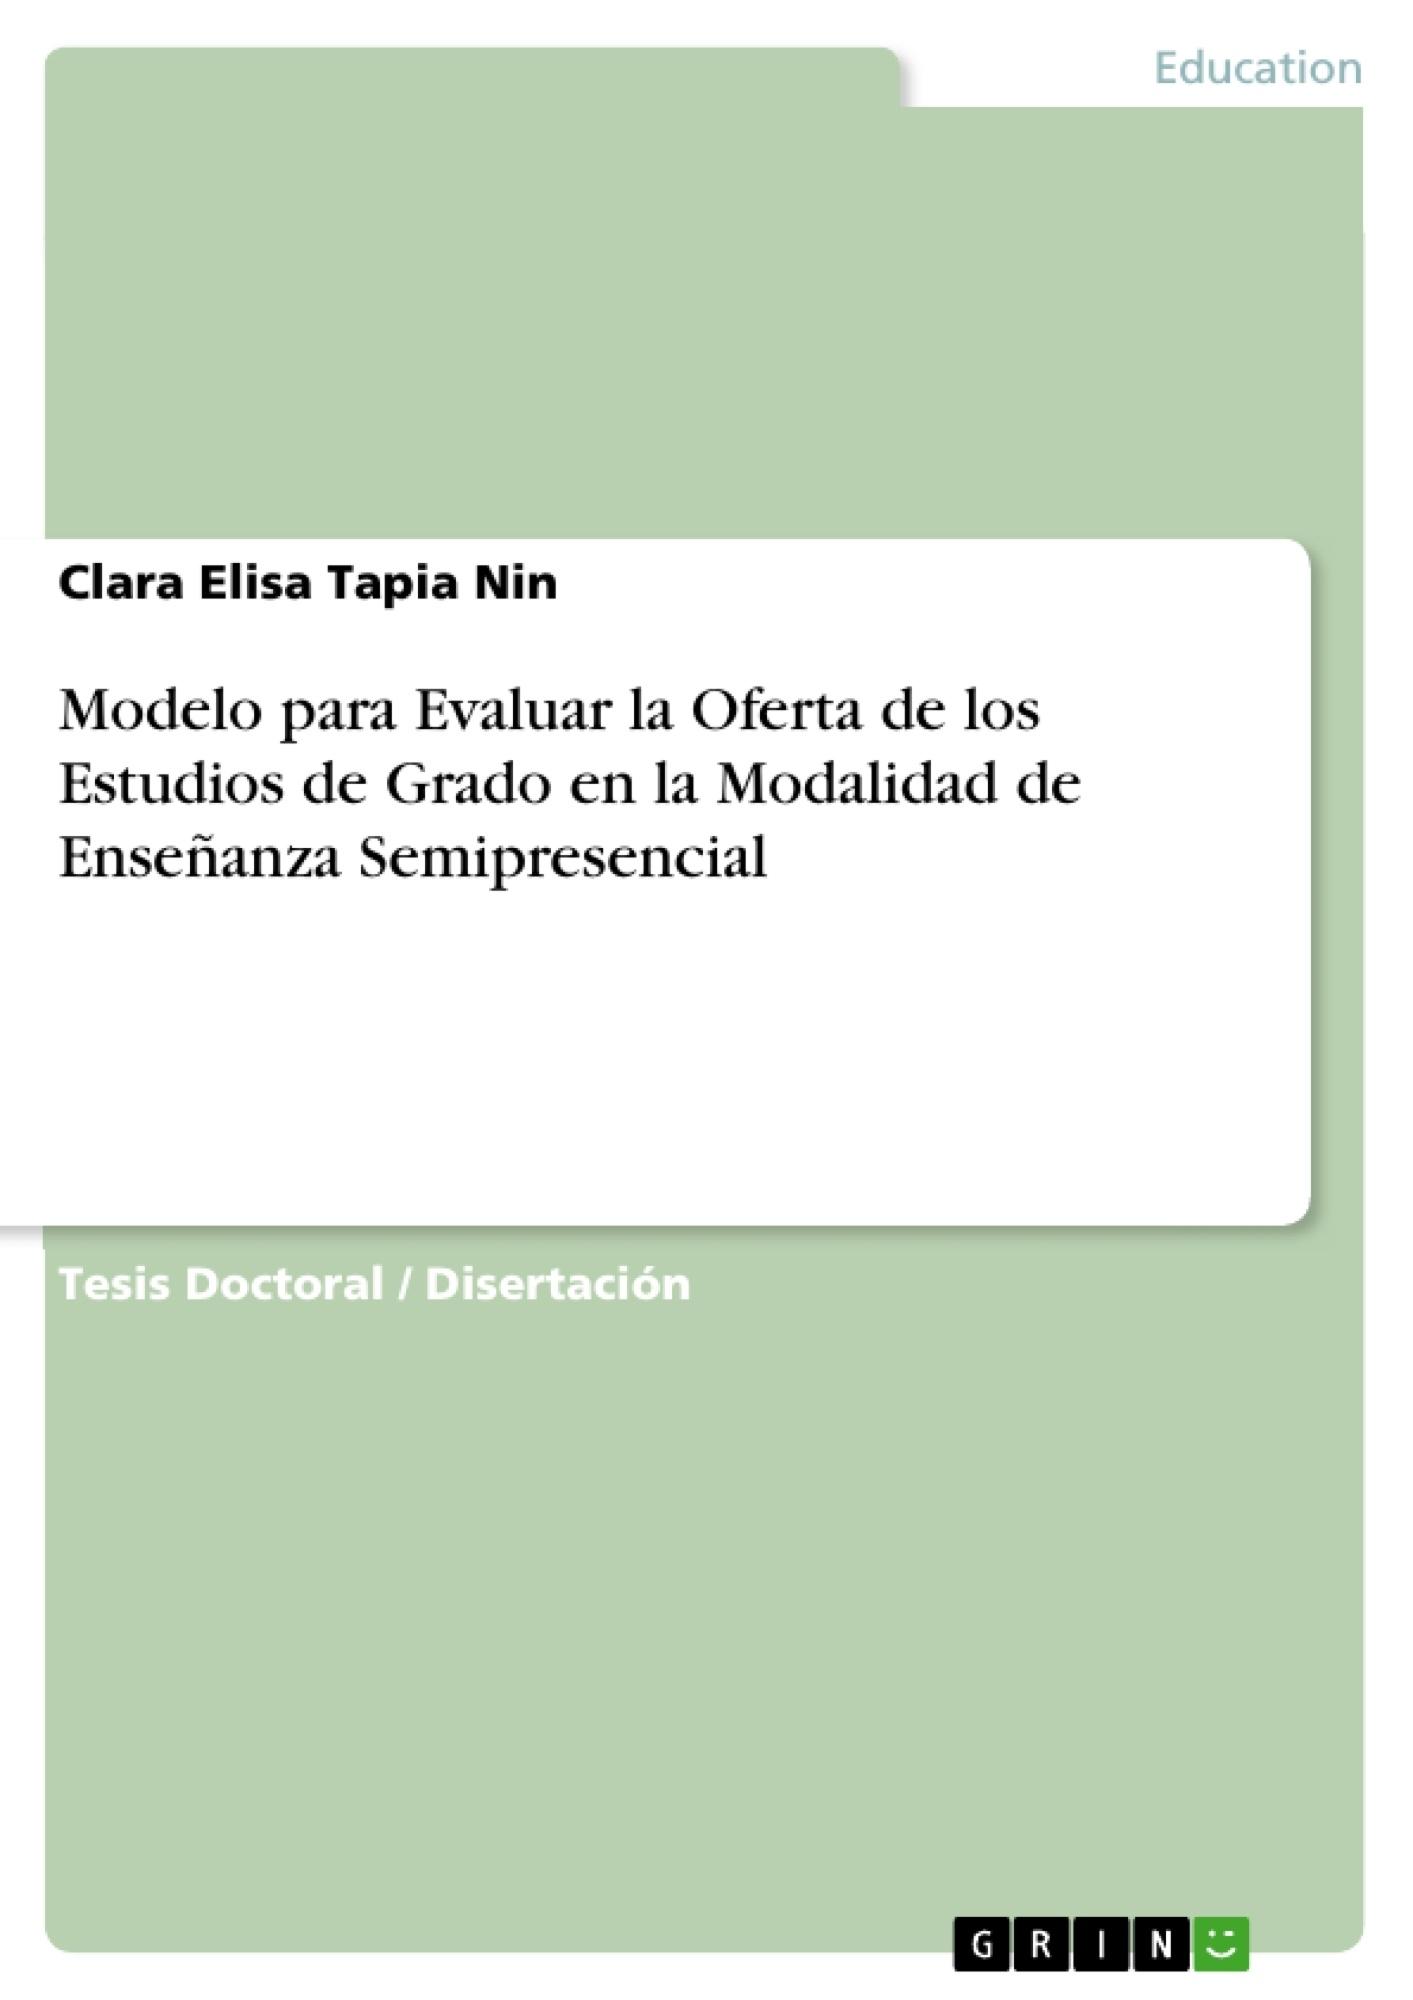 Título: Modelo para Evaluar la Oferta de los Estudios de Grado en la Modalidad de Enseñanza Semipresencial